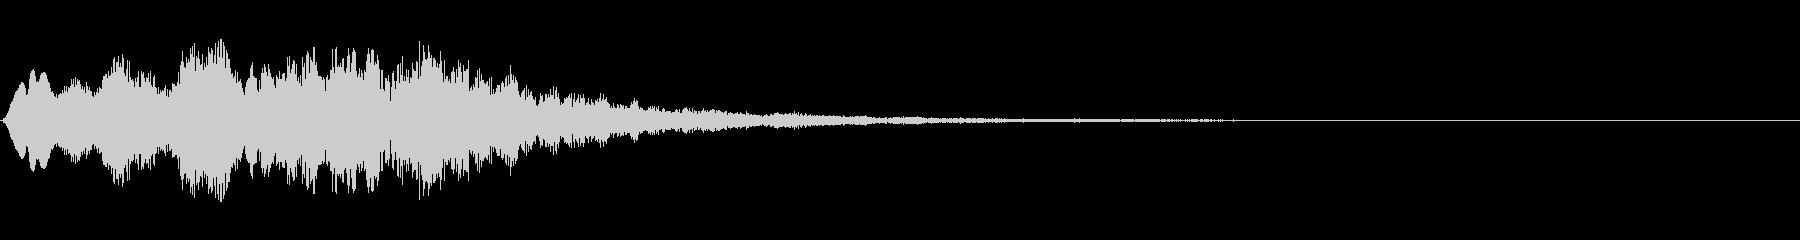 システム系ログオフ音の未再生の波形